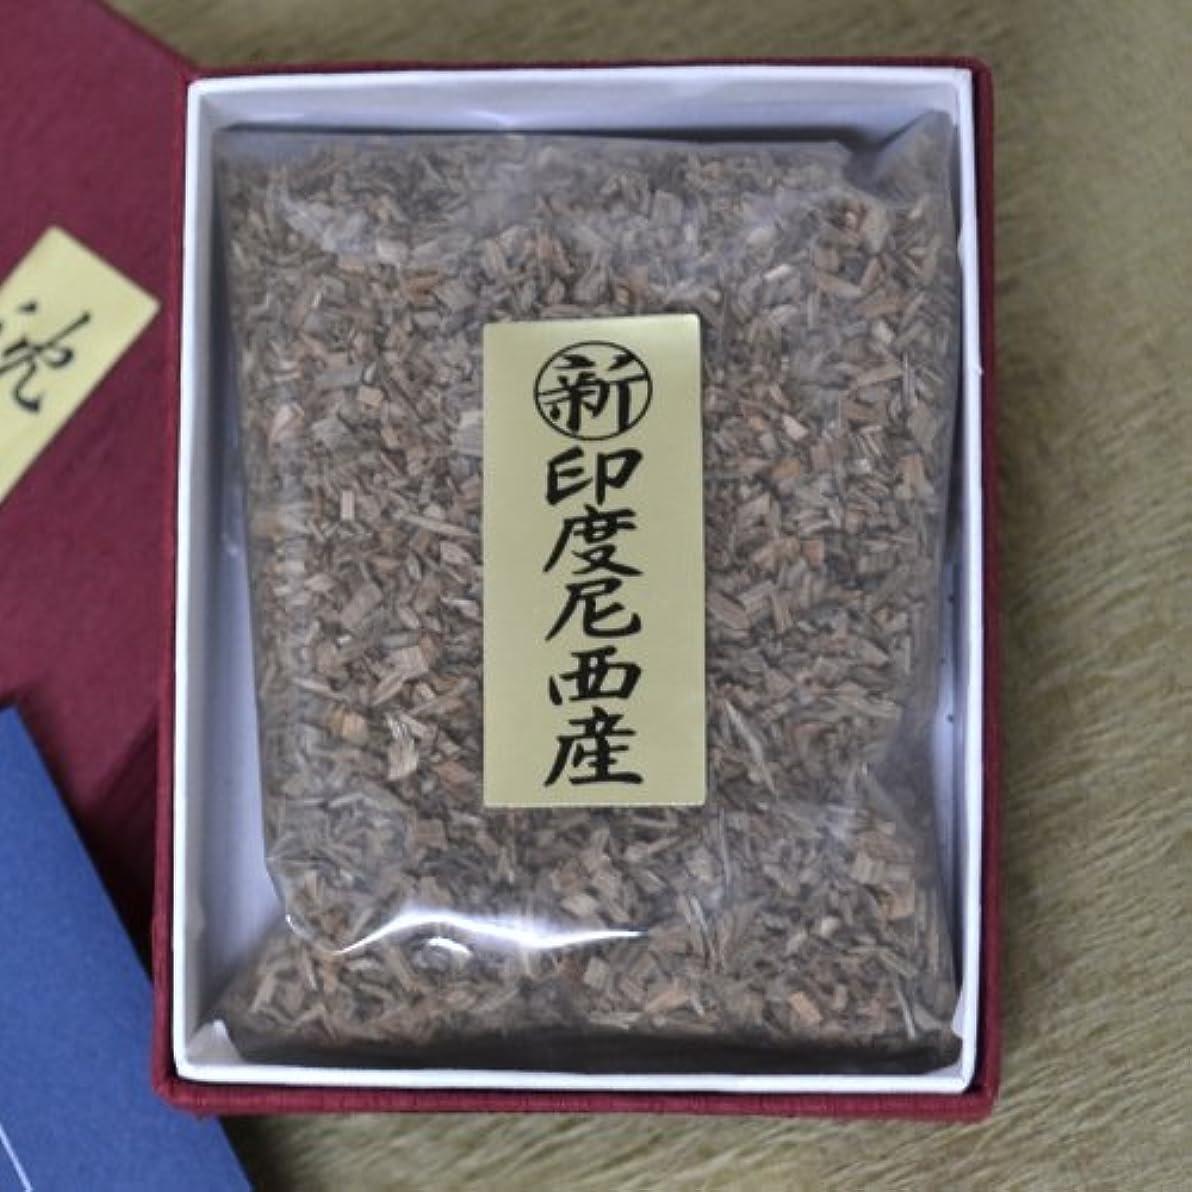 変形大きい爆発する香木 お焼香 新インドネシア産 沈香 【最高級品】 18g